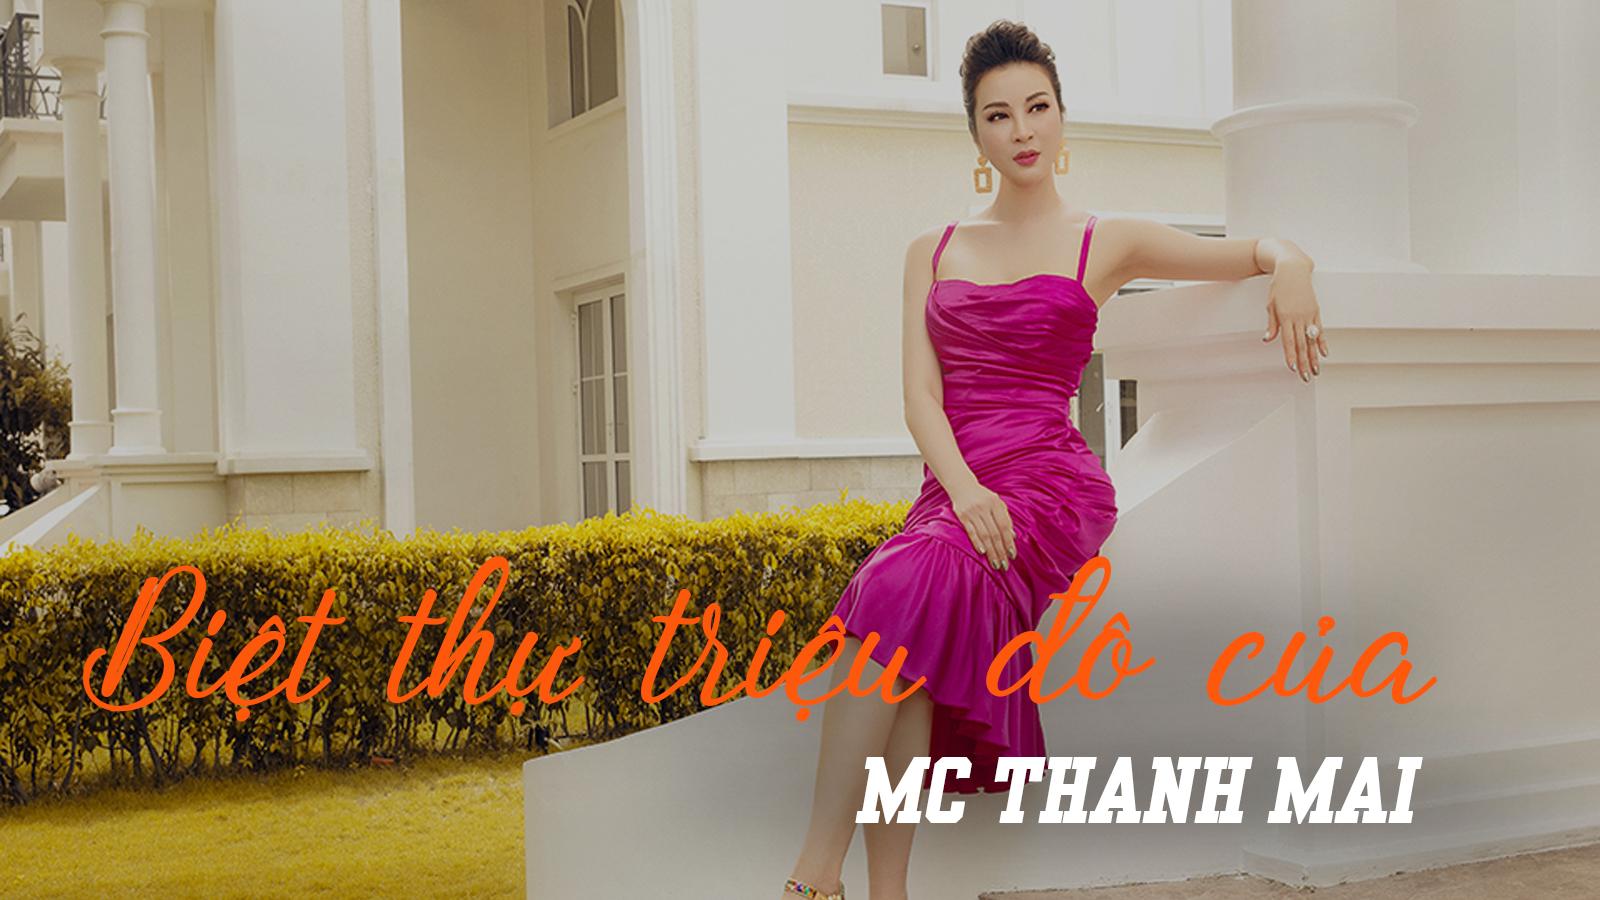 MC VTV sống 1 mình trong biệt thự 1 triệu USD, rộng 800 m2 là ai? - 1